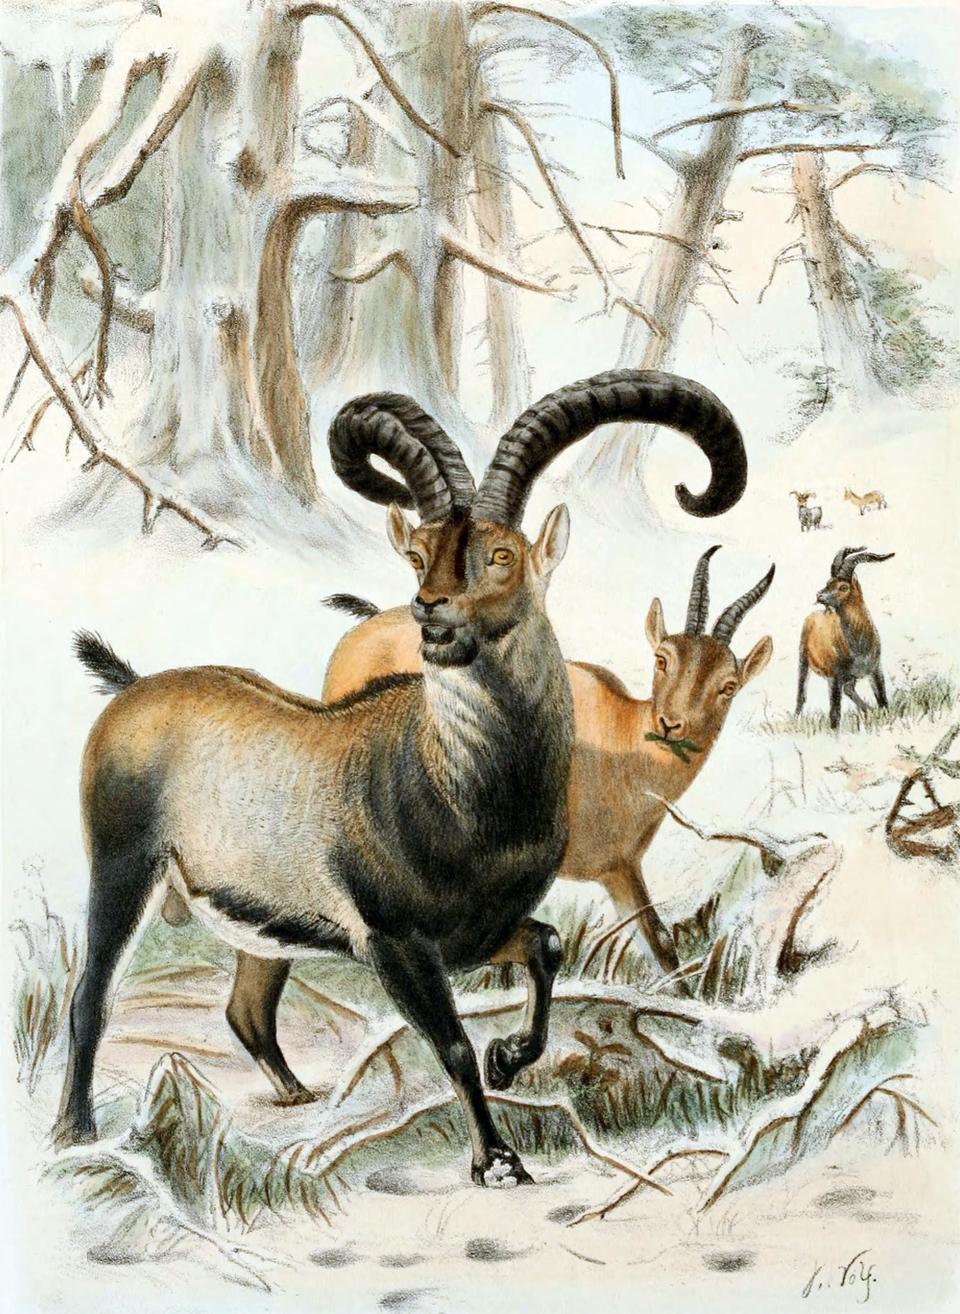 Ilustracja przedstawia wzimowym pejzażu leśnym trzy brązowe zwierzęta zrogami. Samiec na pierwszym planie ma ciemniej ubarwioną szyję, pierś inogi. Jego rogi są długie iwygięte. To koziorożec pirenejski, gatunek wymarły.